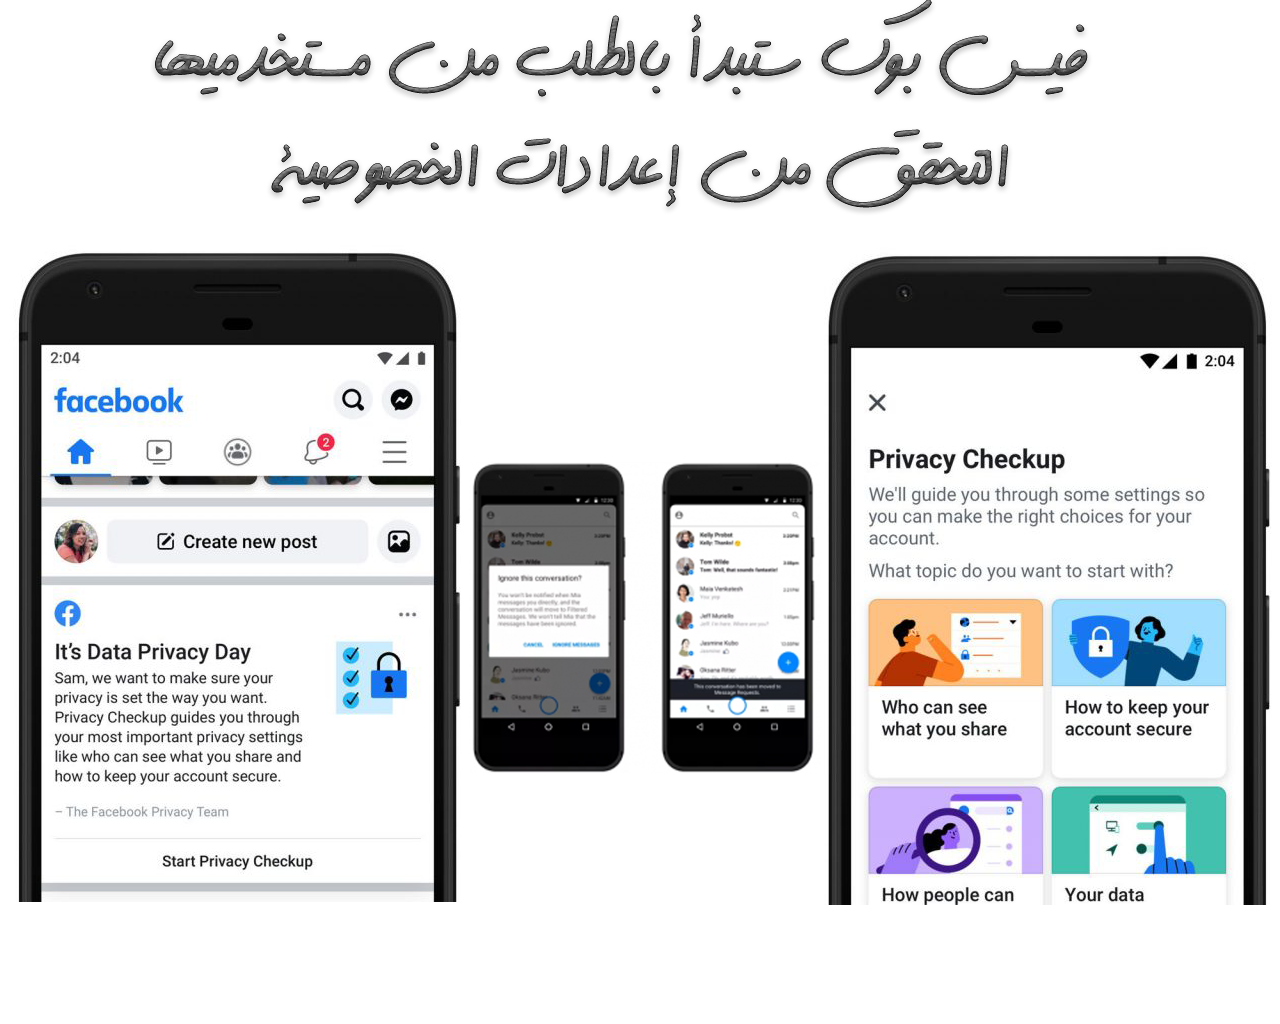 فيس بوك ستبدأ بالطلب من مستخدميها التحقق من إعدادات الخصوصية